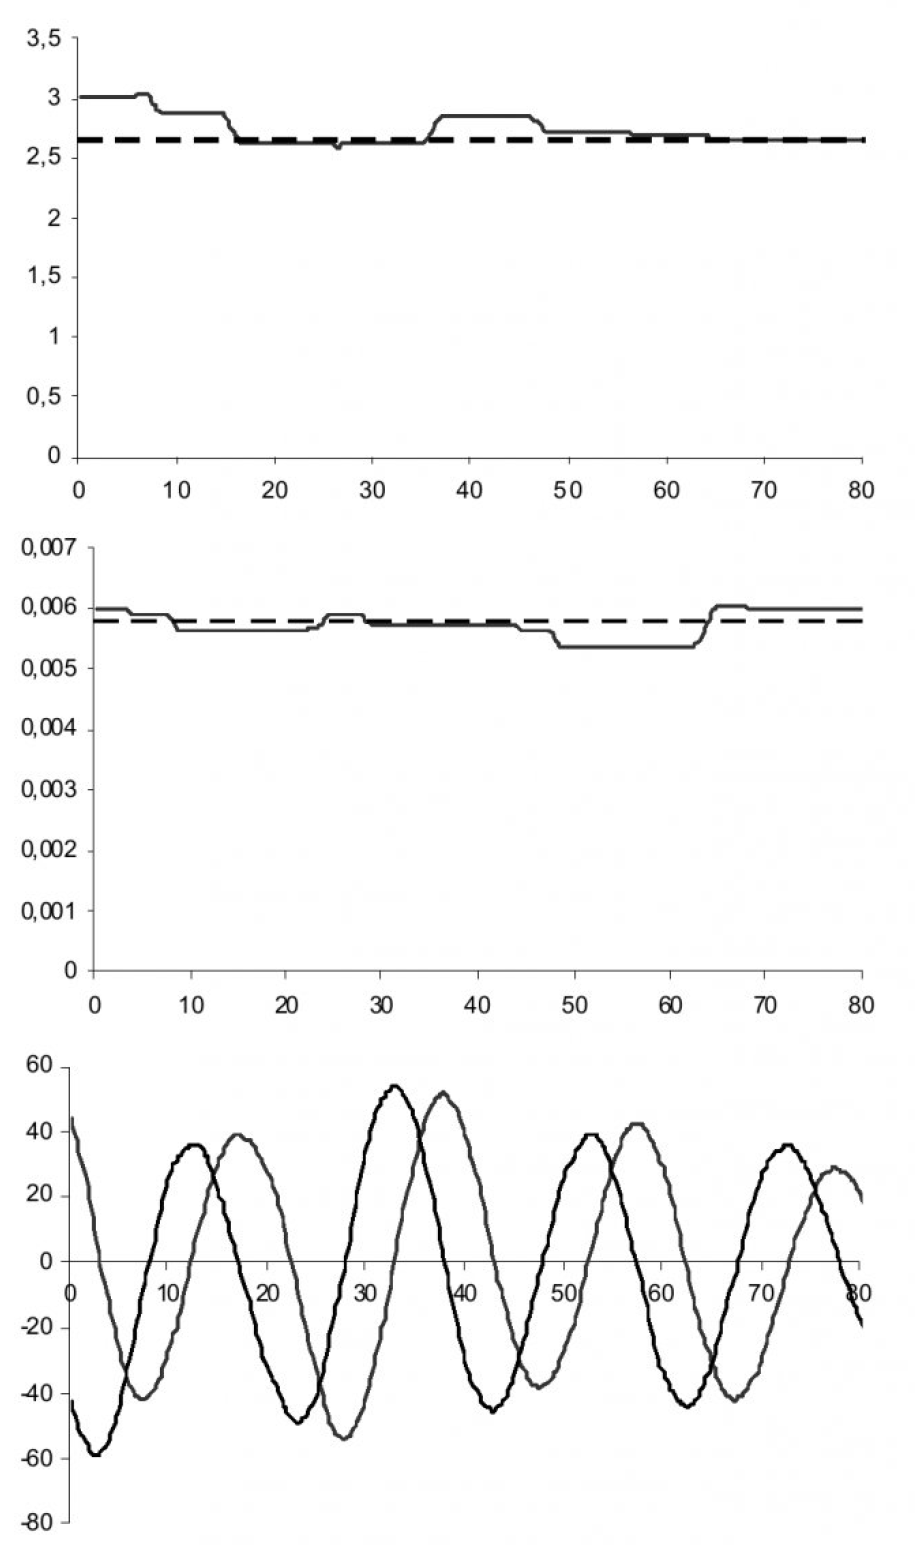 Динамическая идентификация параметров ротора асинхронного электродвигателя с помощью искусственной нейронной сети 2